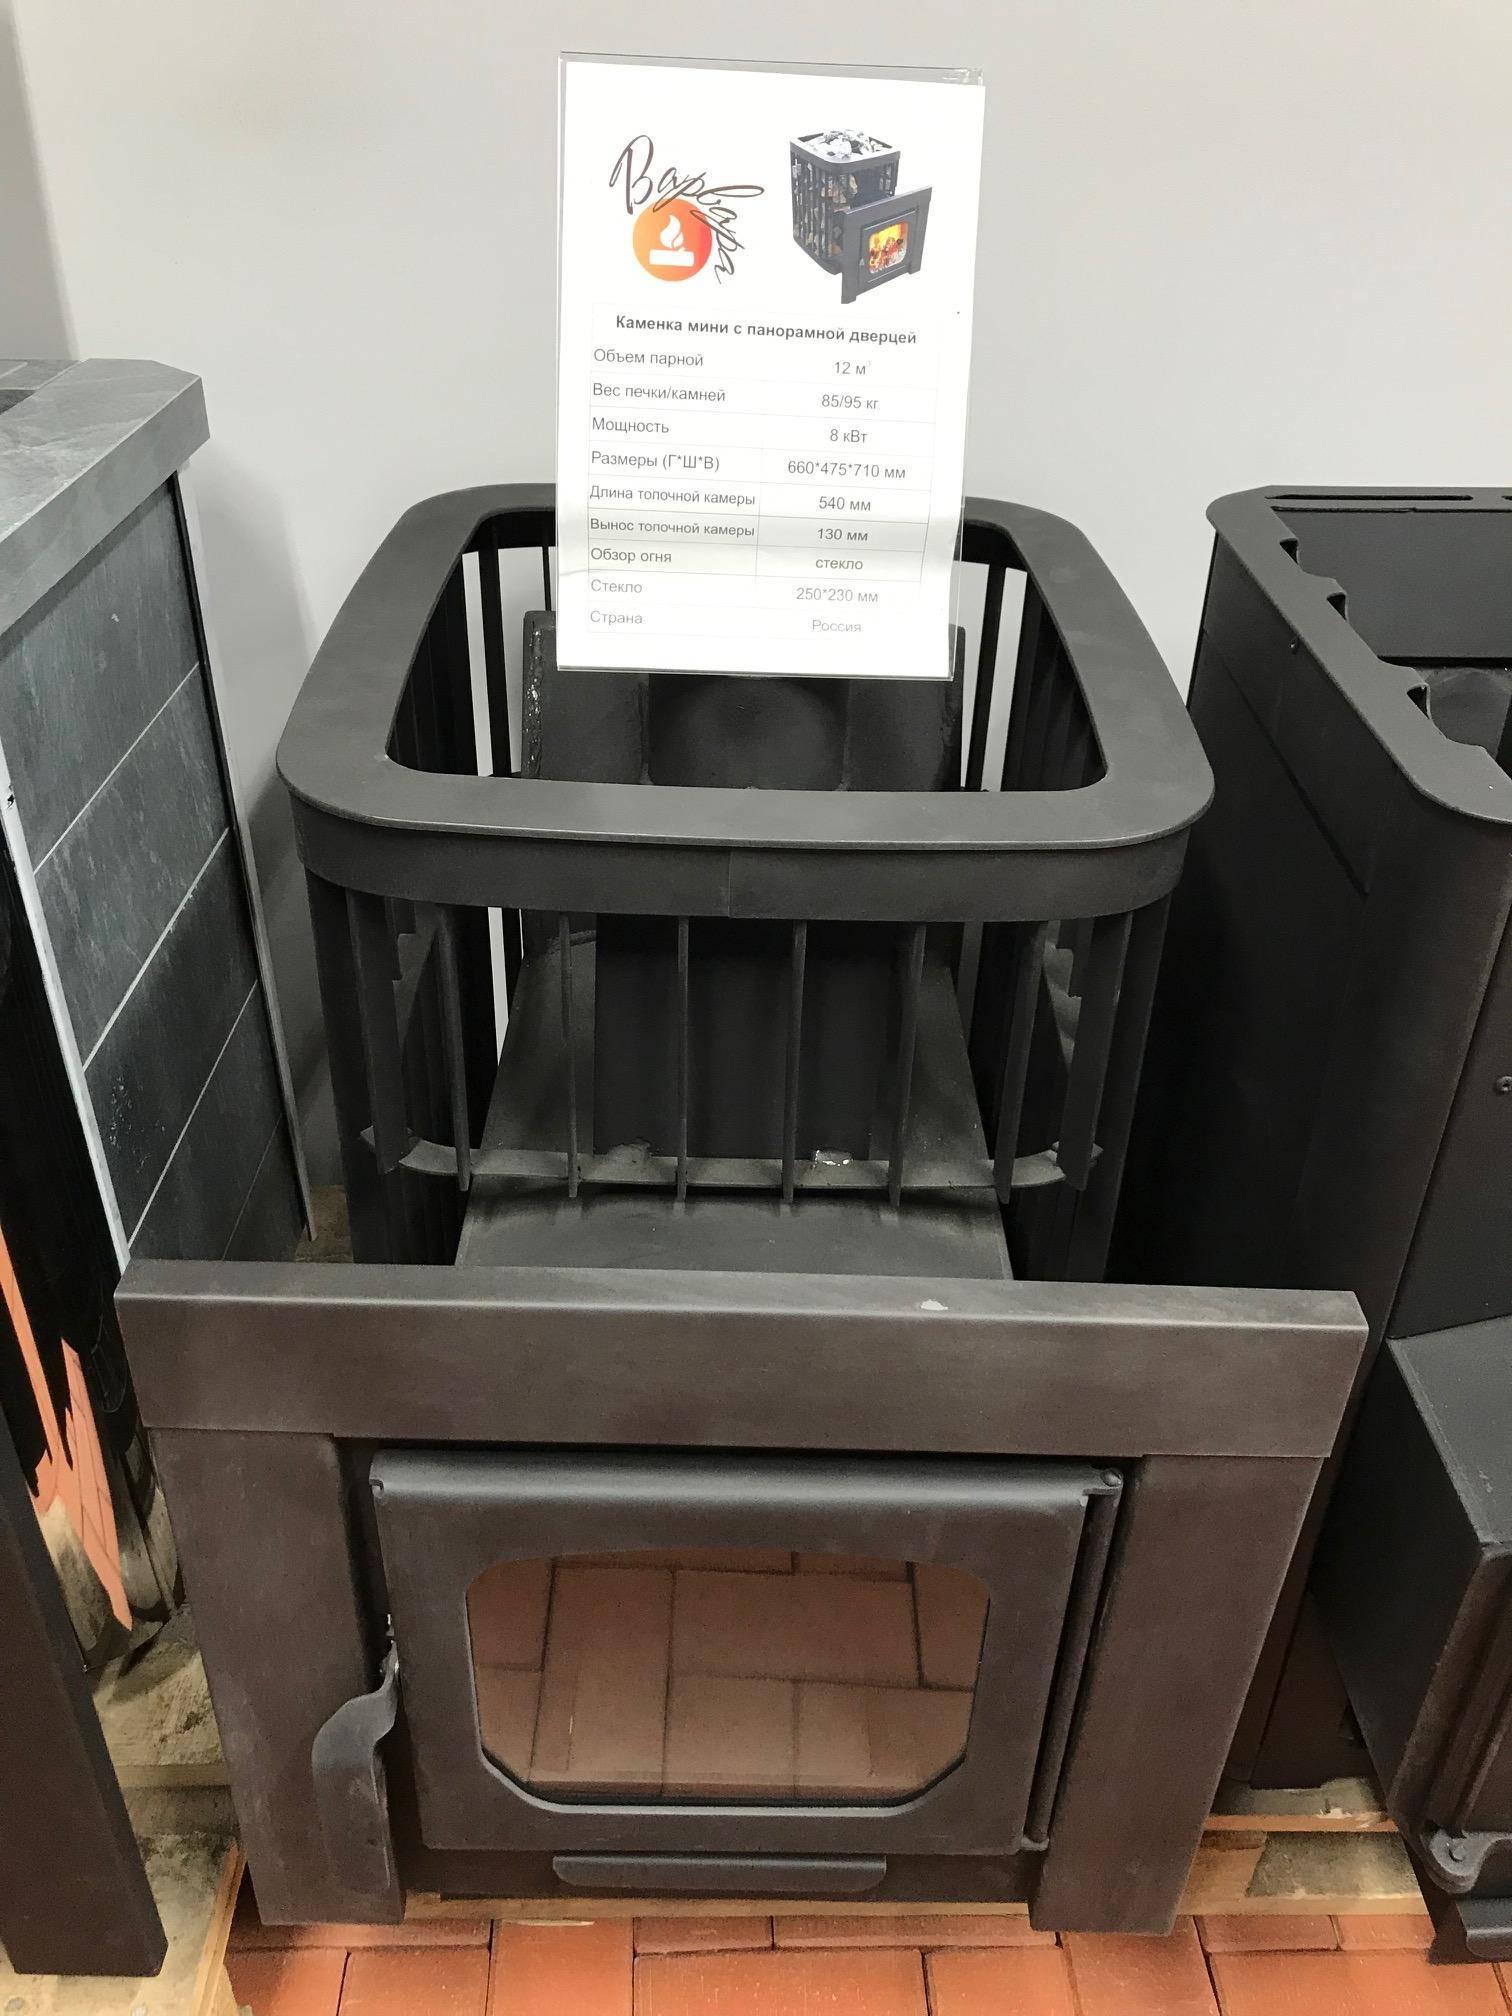 Печь для бани «варвара» (34 фото): устройство дровяной печки с боковым баком на 50 л, недостатки мини модели и отзывы владельцев